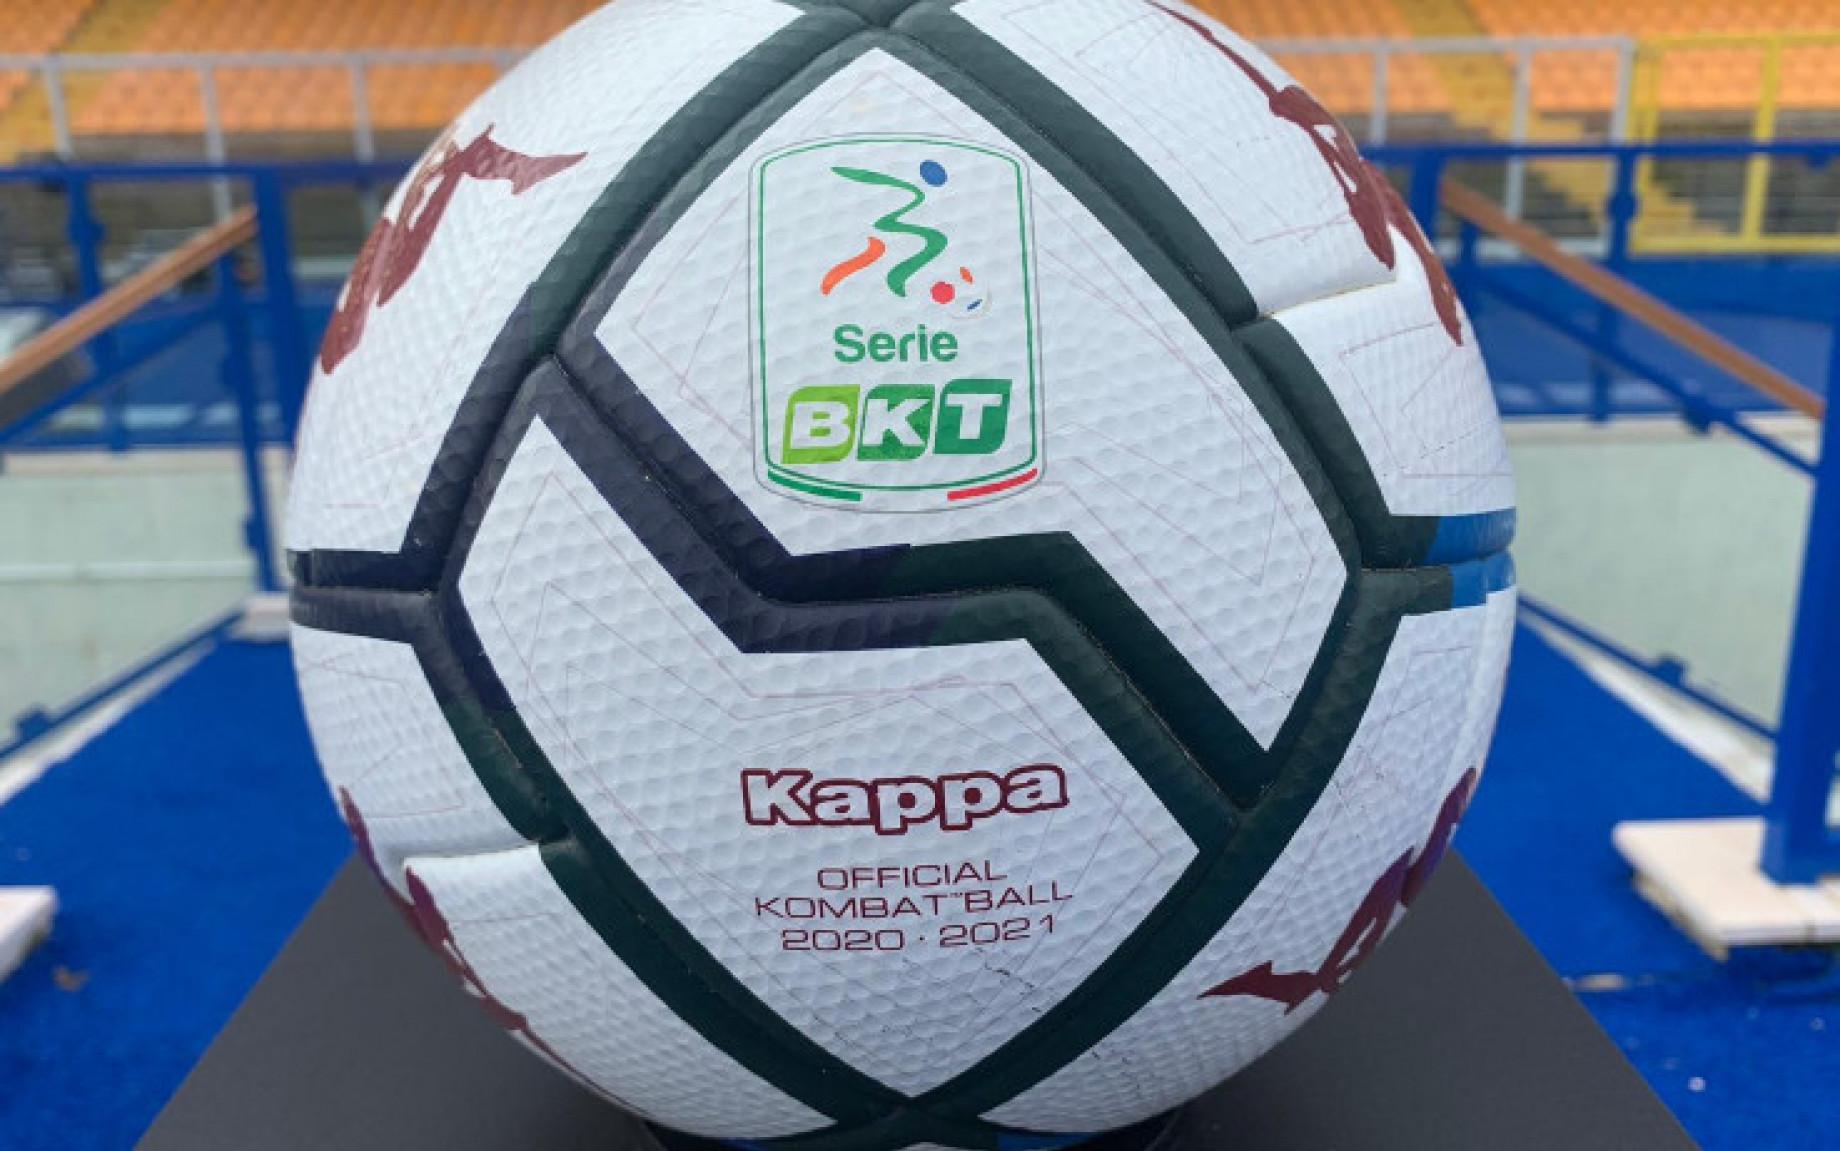 pallone_serie_b_2020-21.jpg